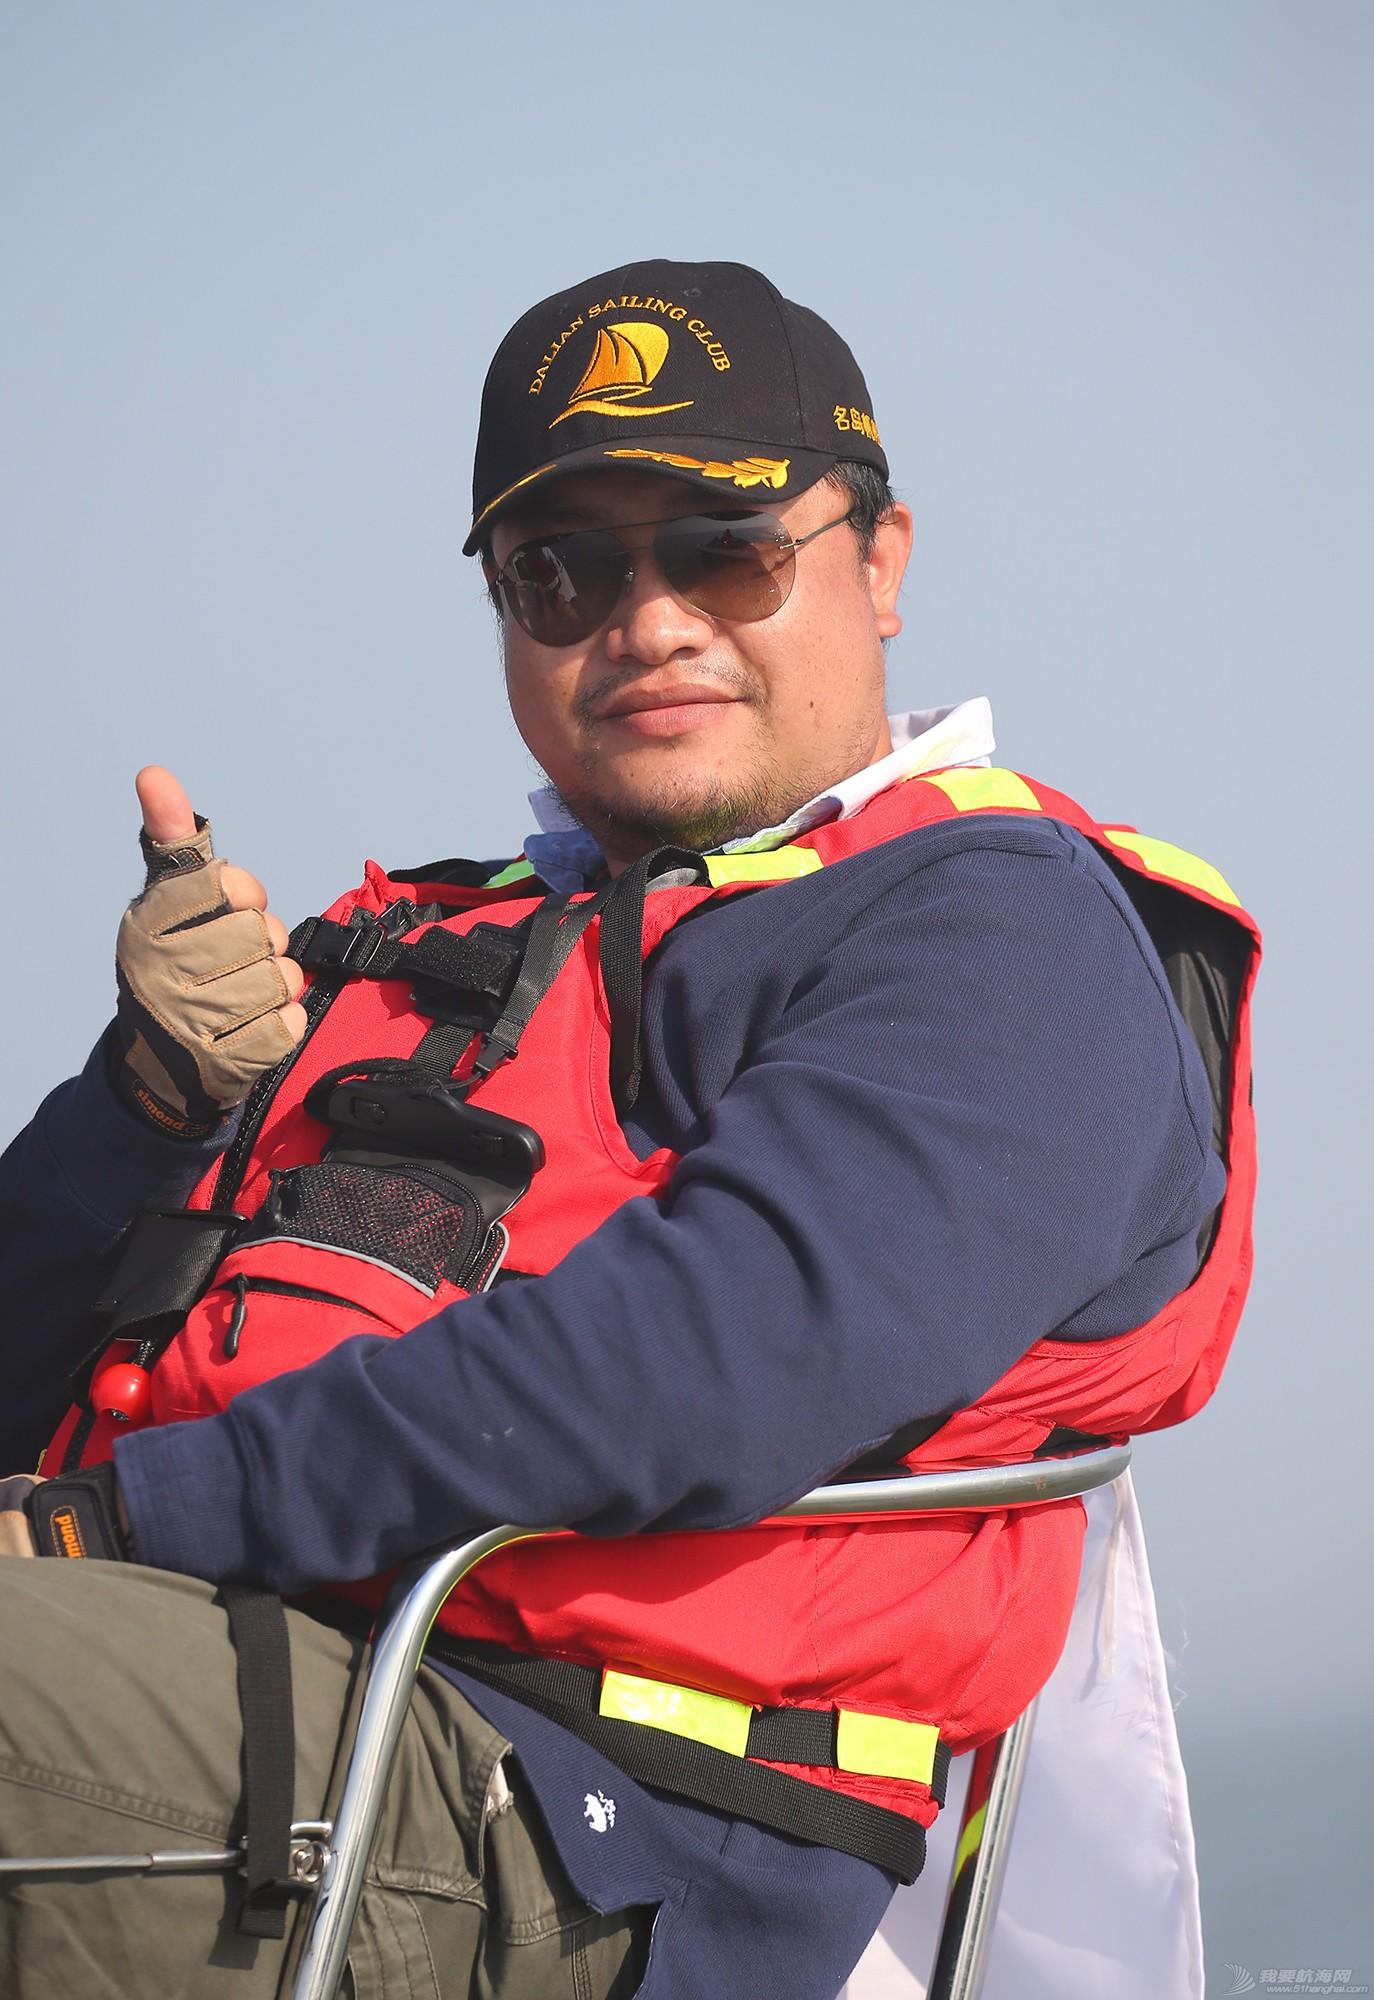 """拉力赛,帆船,太湖 2016""""菱湖湾杯""""环太湖帆船拉力赛参赛船队、船员风采 E78W1561.JPG"""